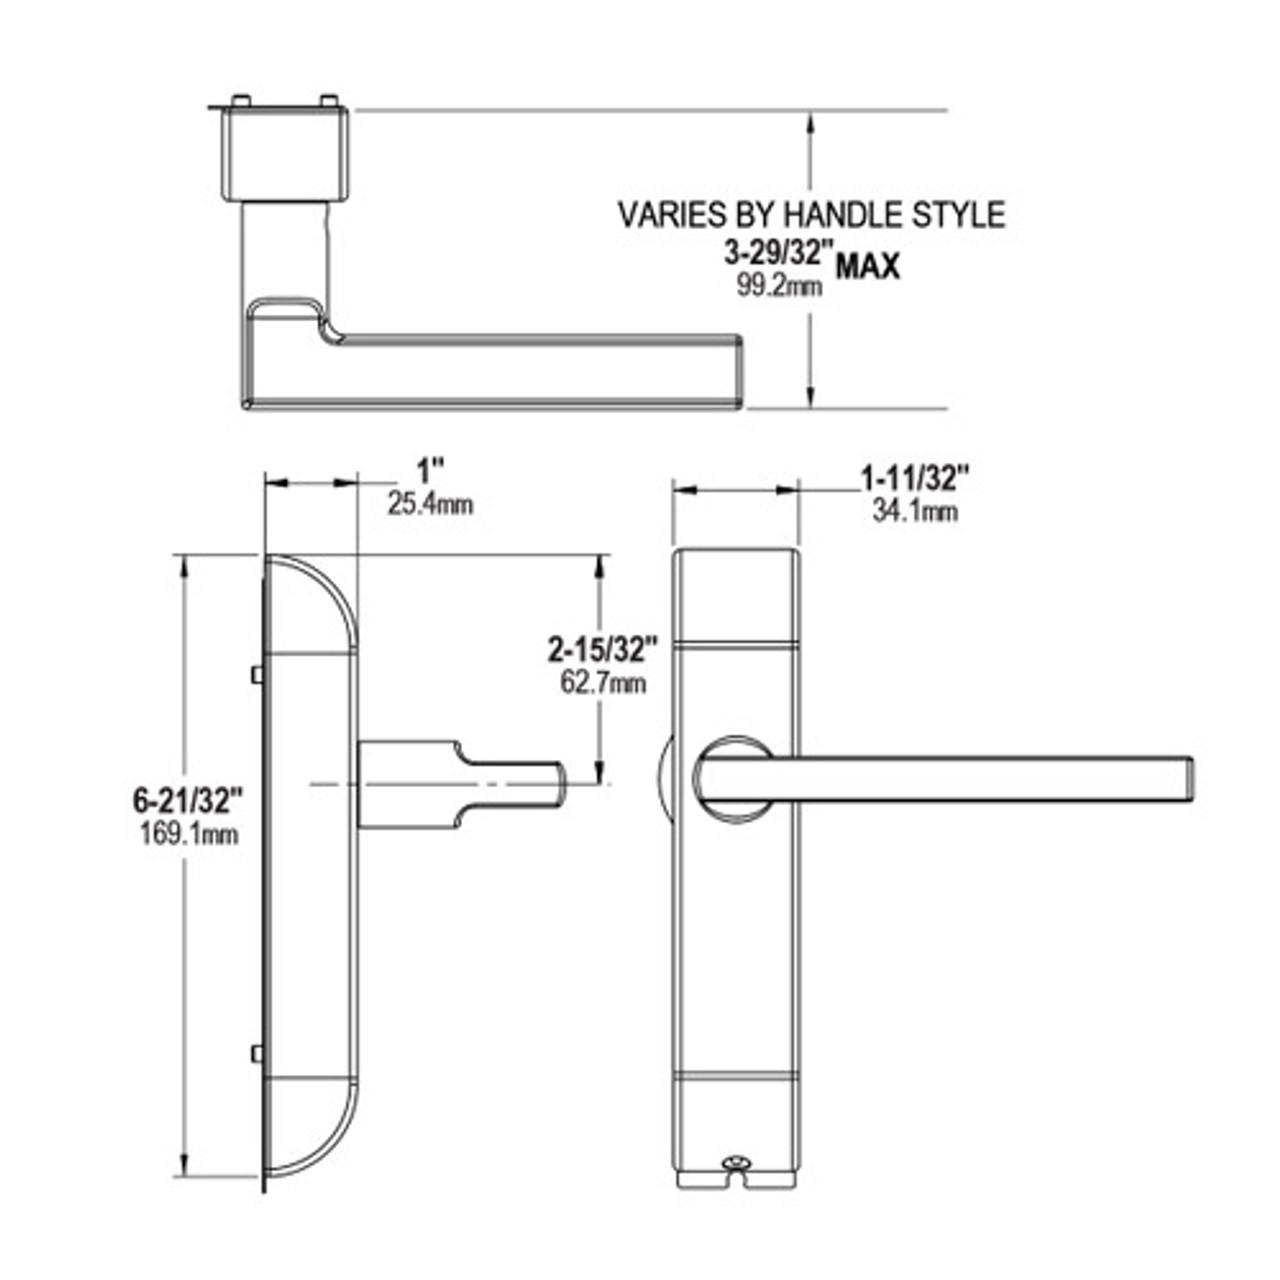 4600M-MJ-532-US32D Adams Rite MJ Designer handle Dimensional View